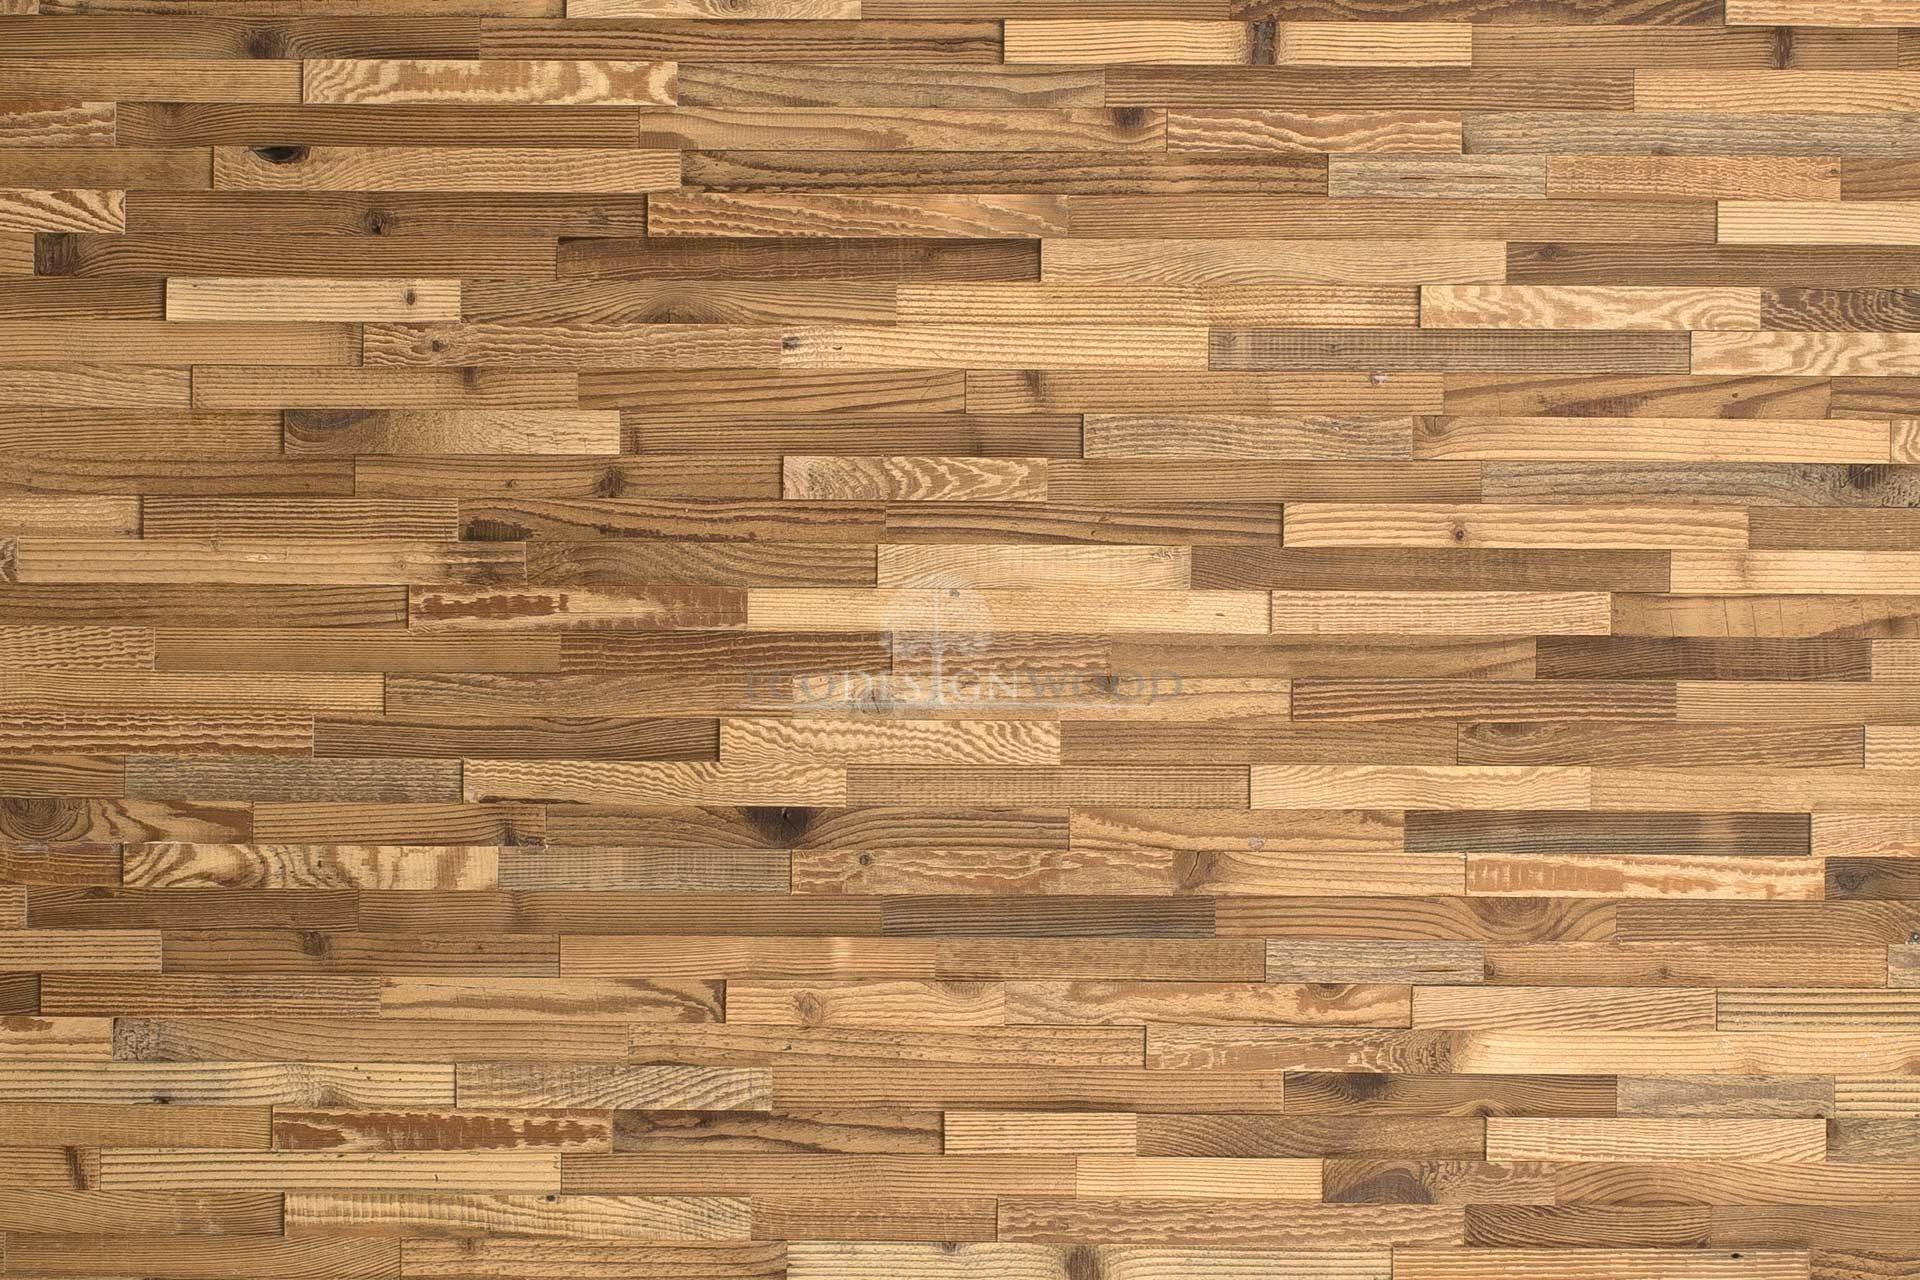 Montana Ecodesignwood Reclaimed Wood Wall Panels